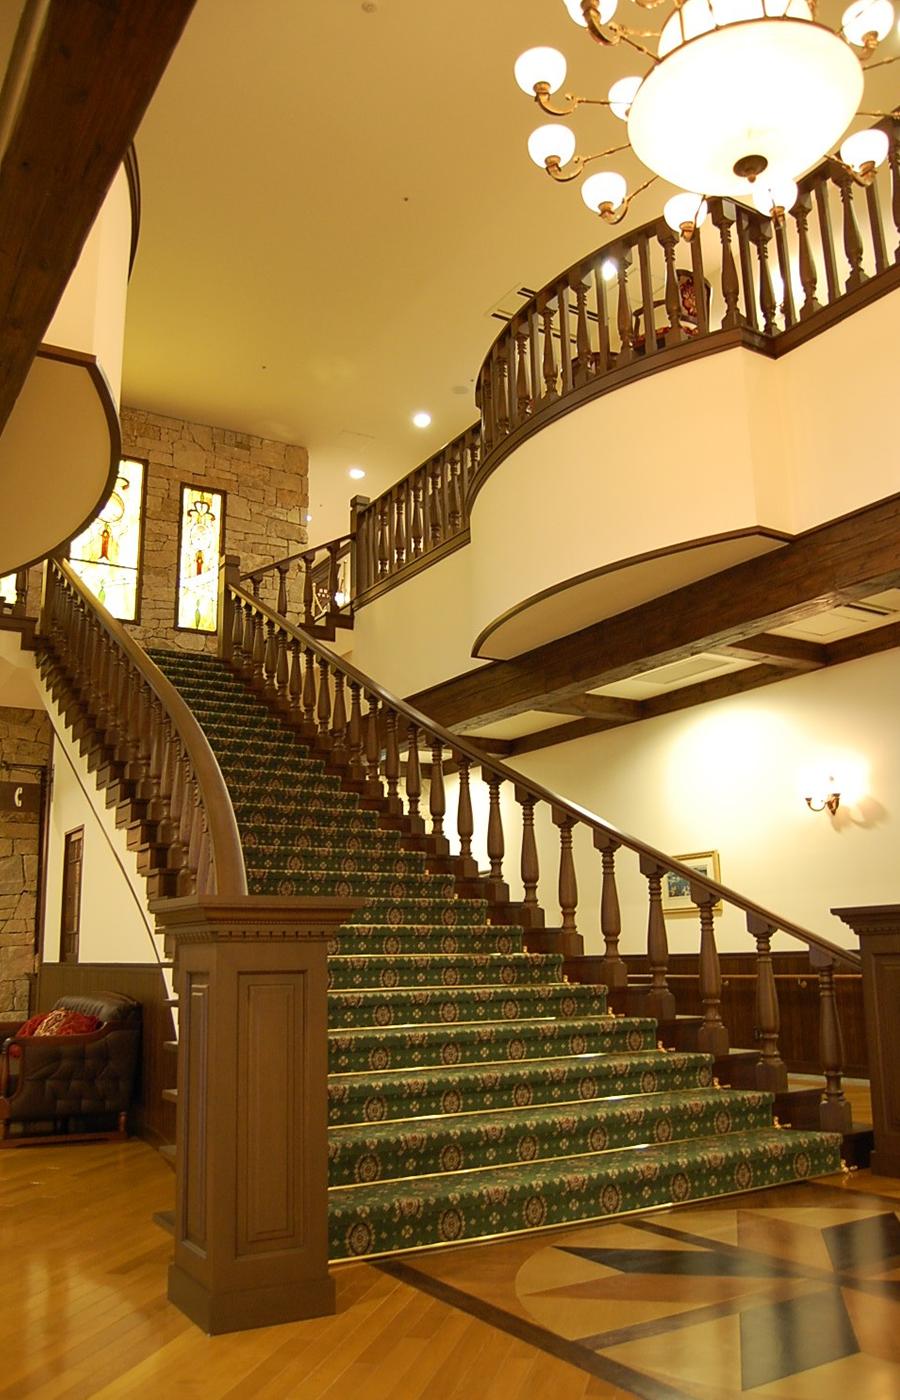 グリーンの絨毯の敷き詰められた大階段